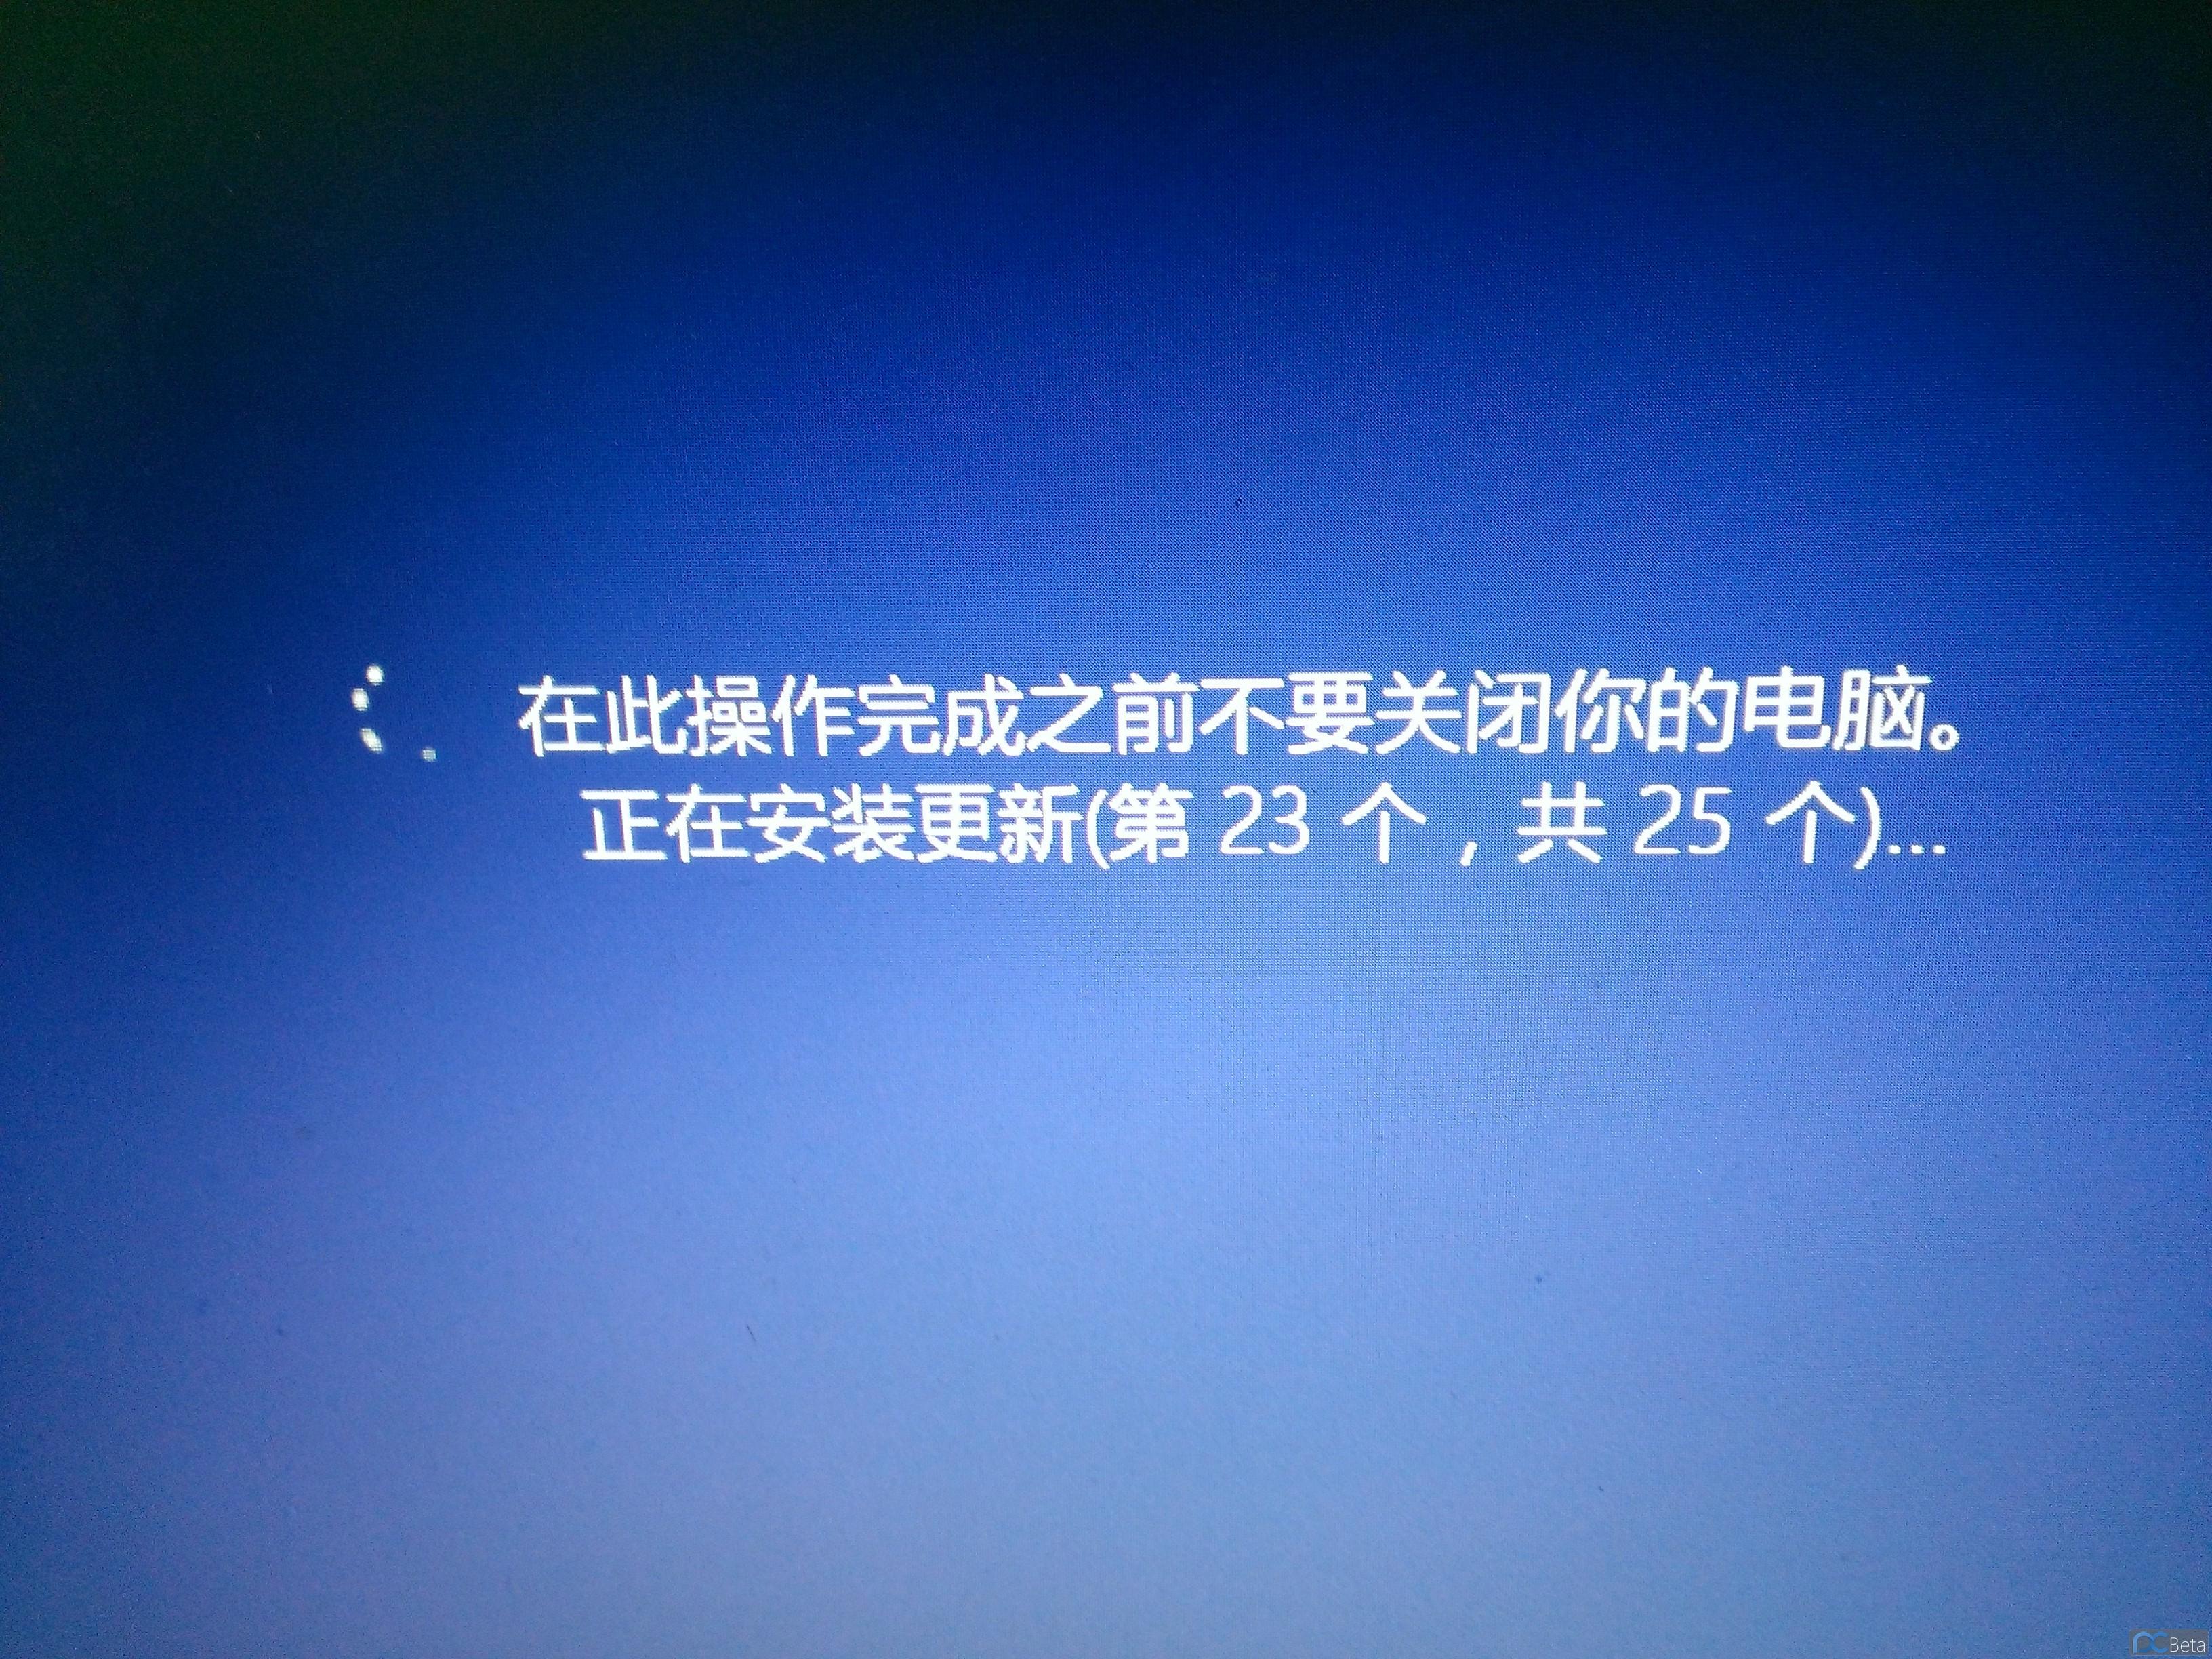 WP_20140709_002.jpg